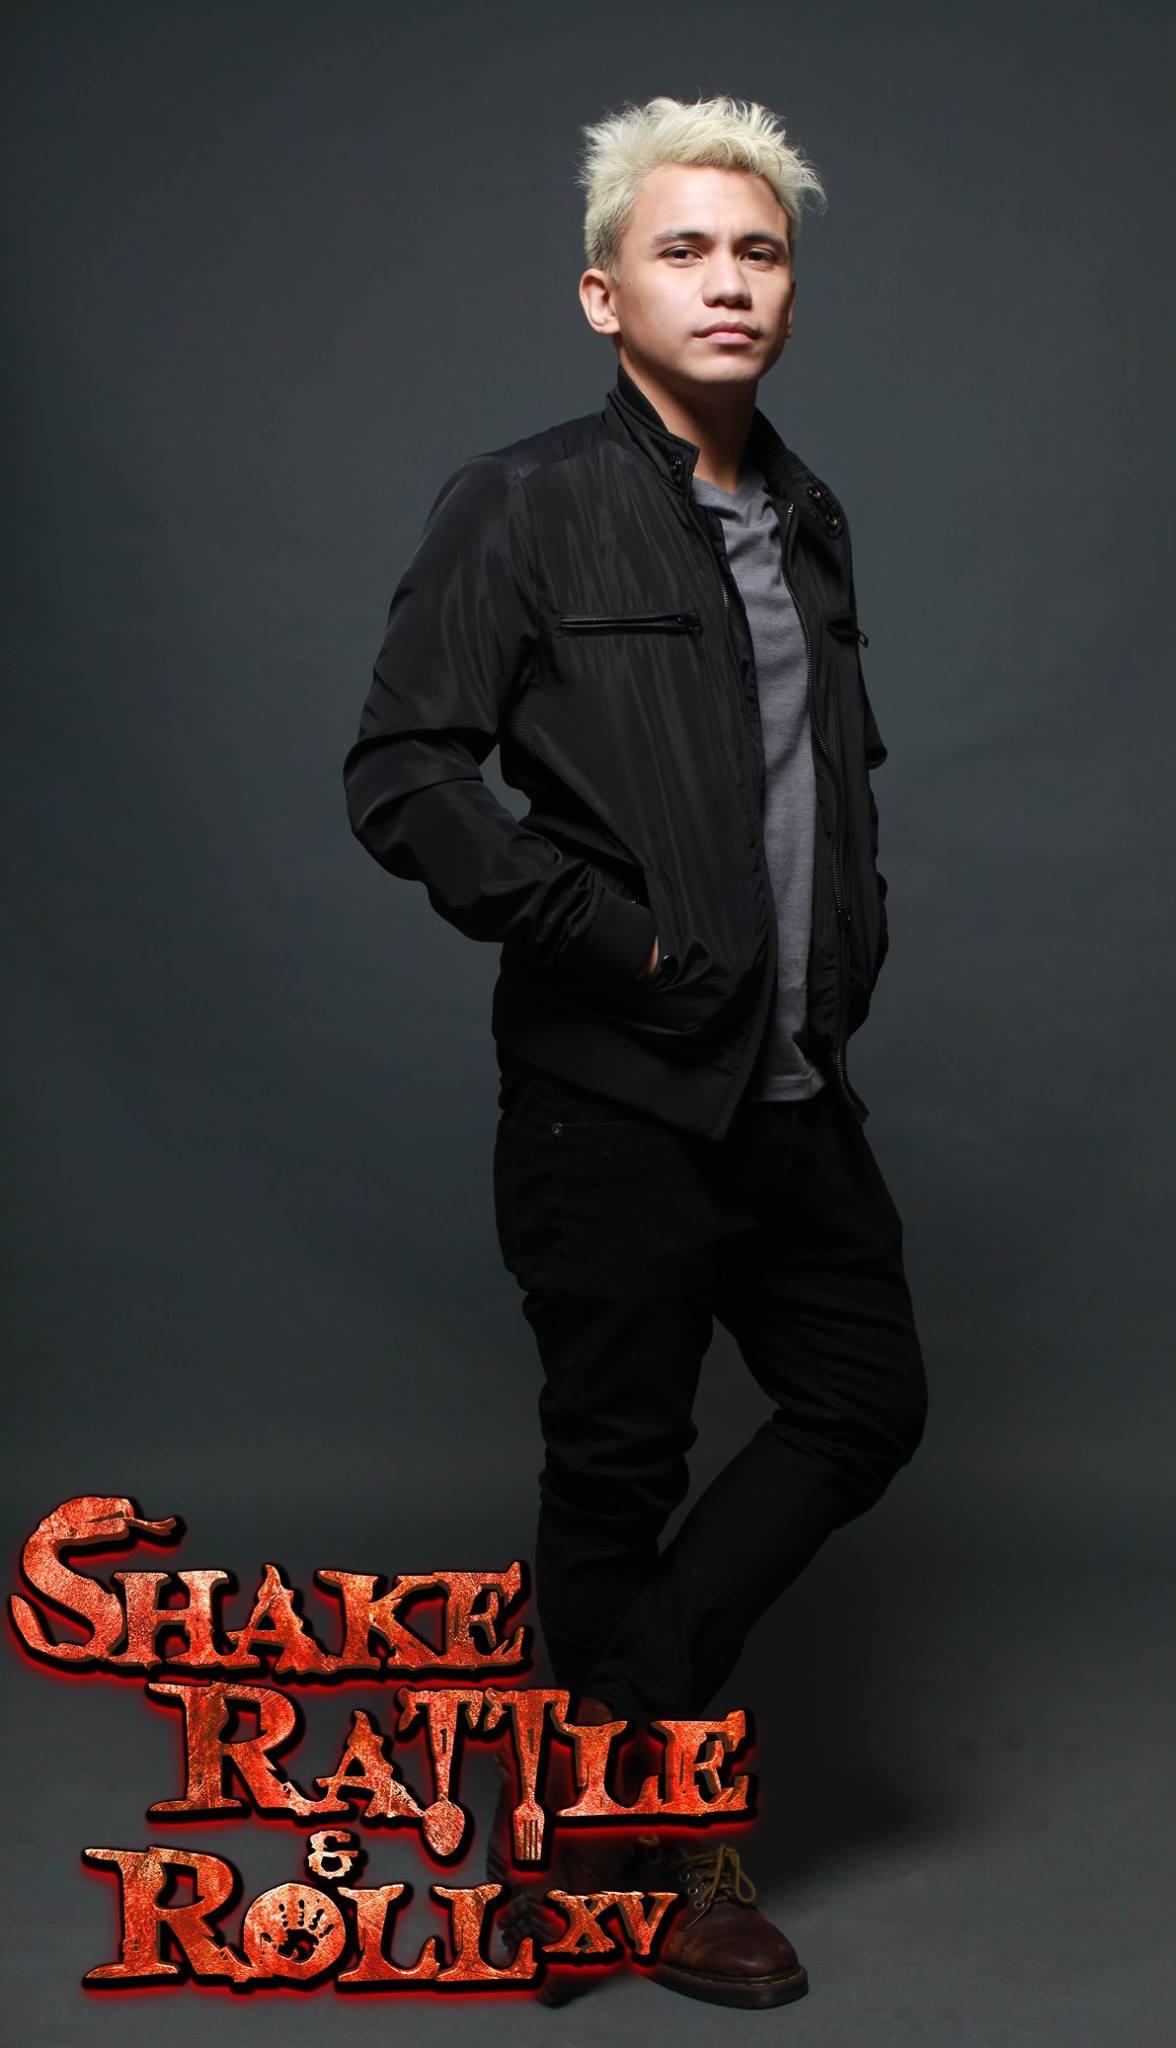 Yael Yuzon in Shake Rattle & Roll XV (2014)